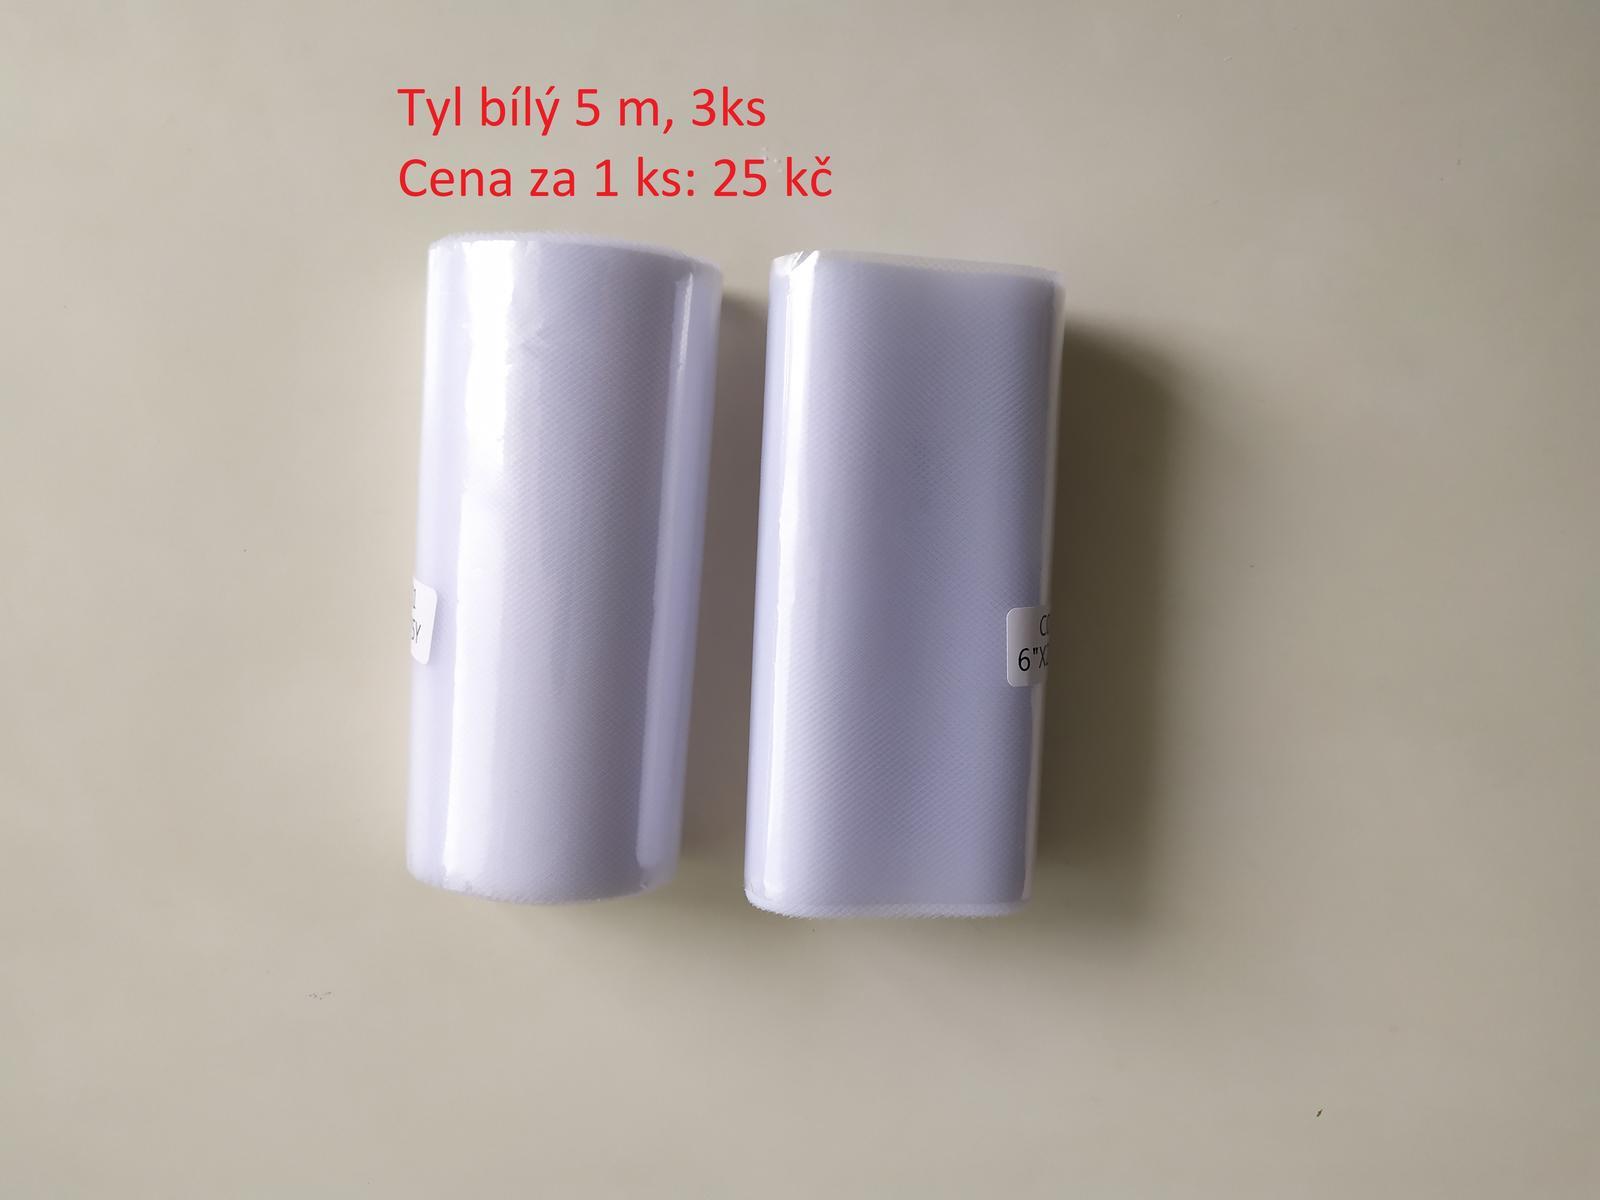 3x Tyl bílý (š 15cm, délka 5m) - Obrázek č. 1